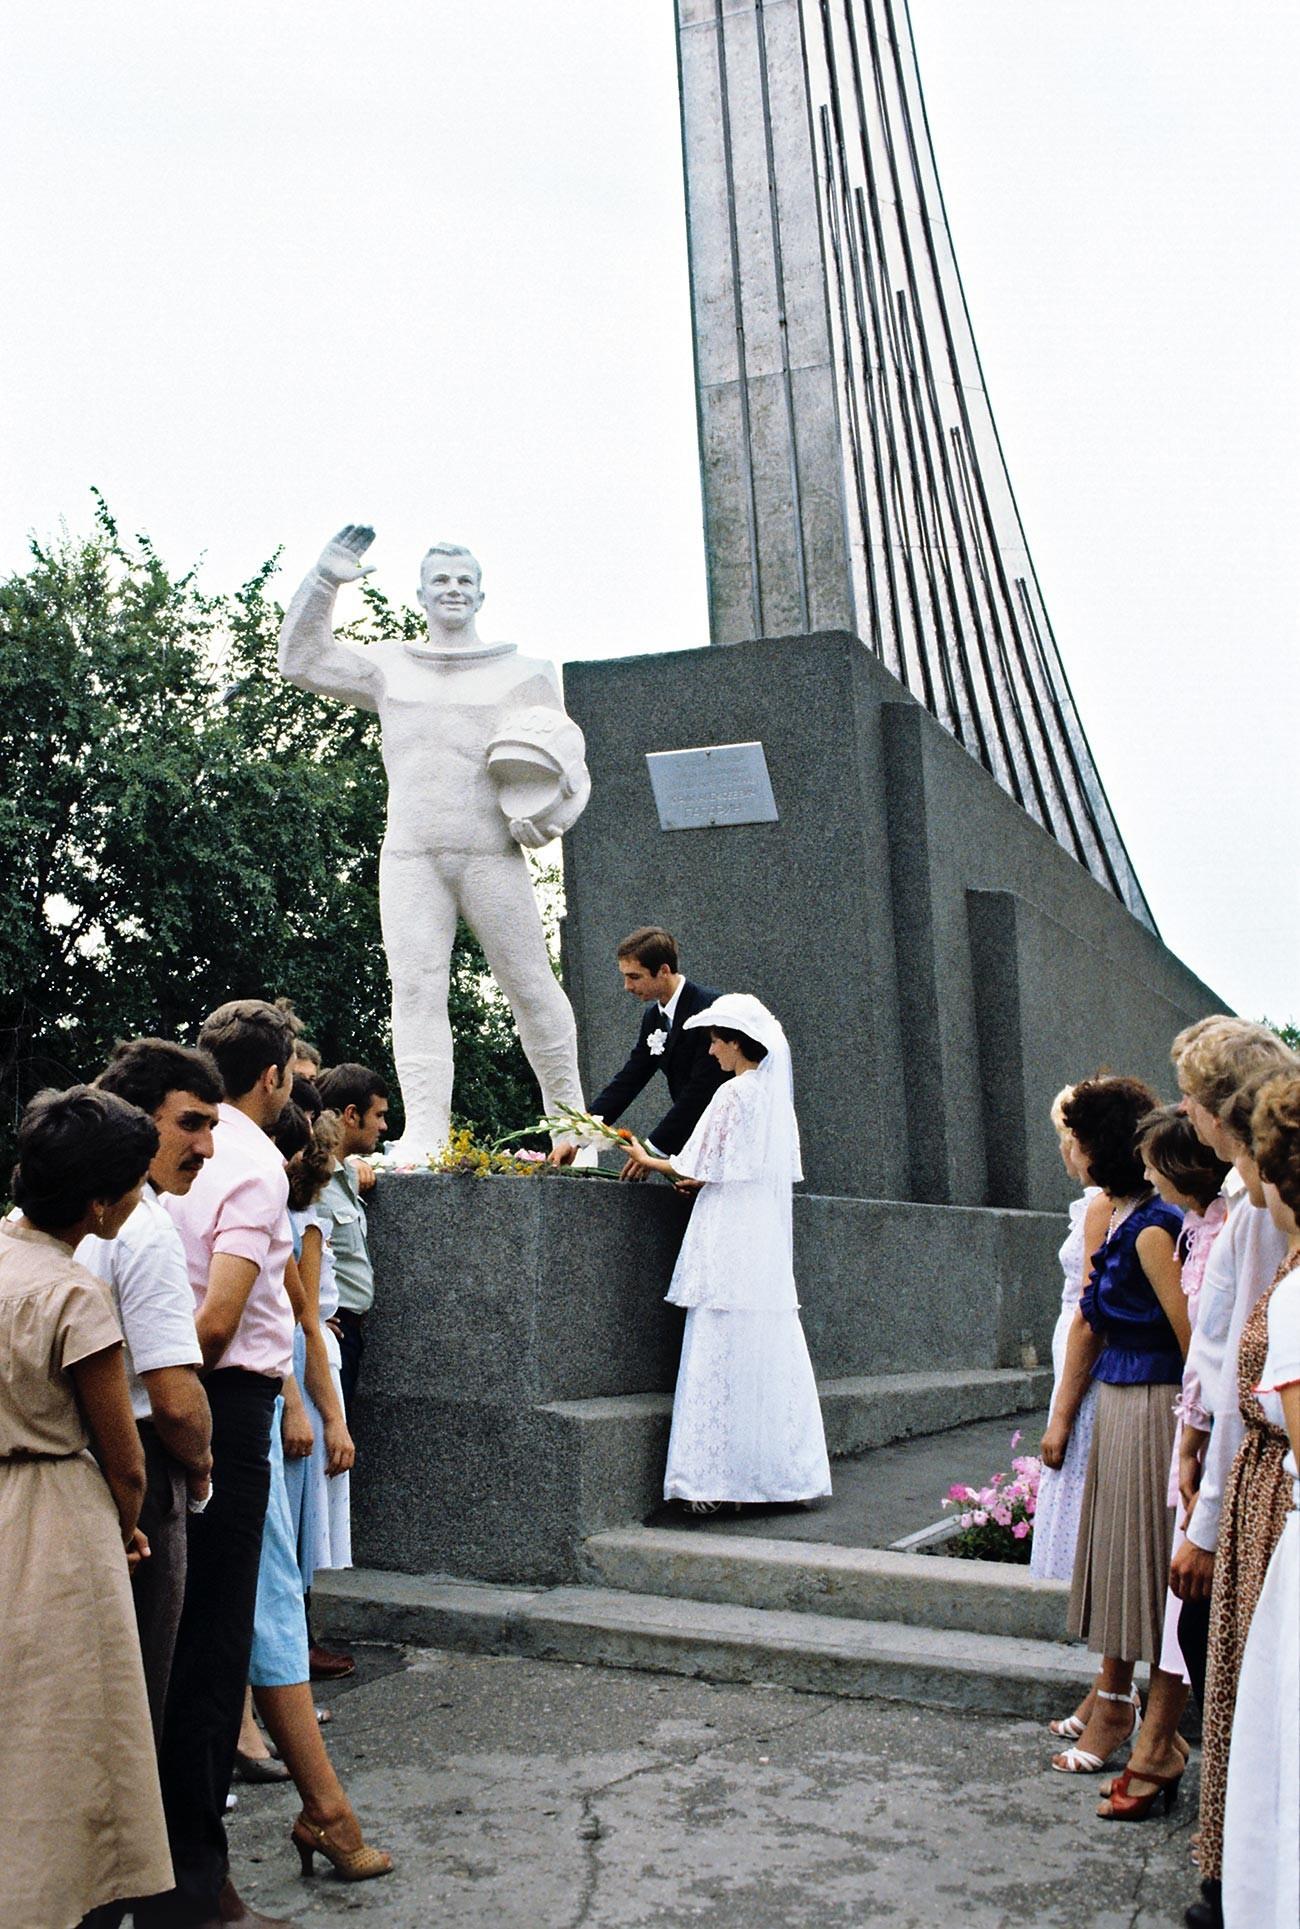 Pri spomeniku Gagarina, ki je tudi hkrati kraj njegovega pristanka, iz časa Sovjetske zveze.